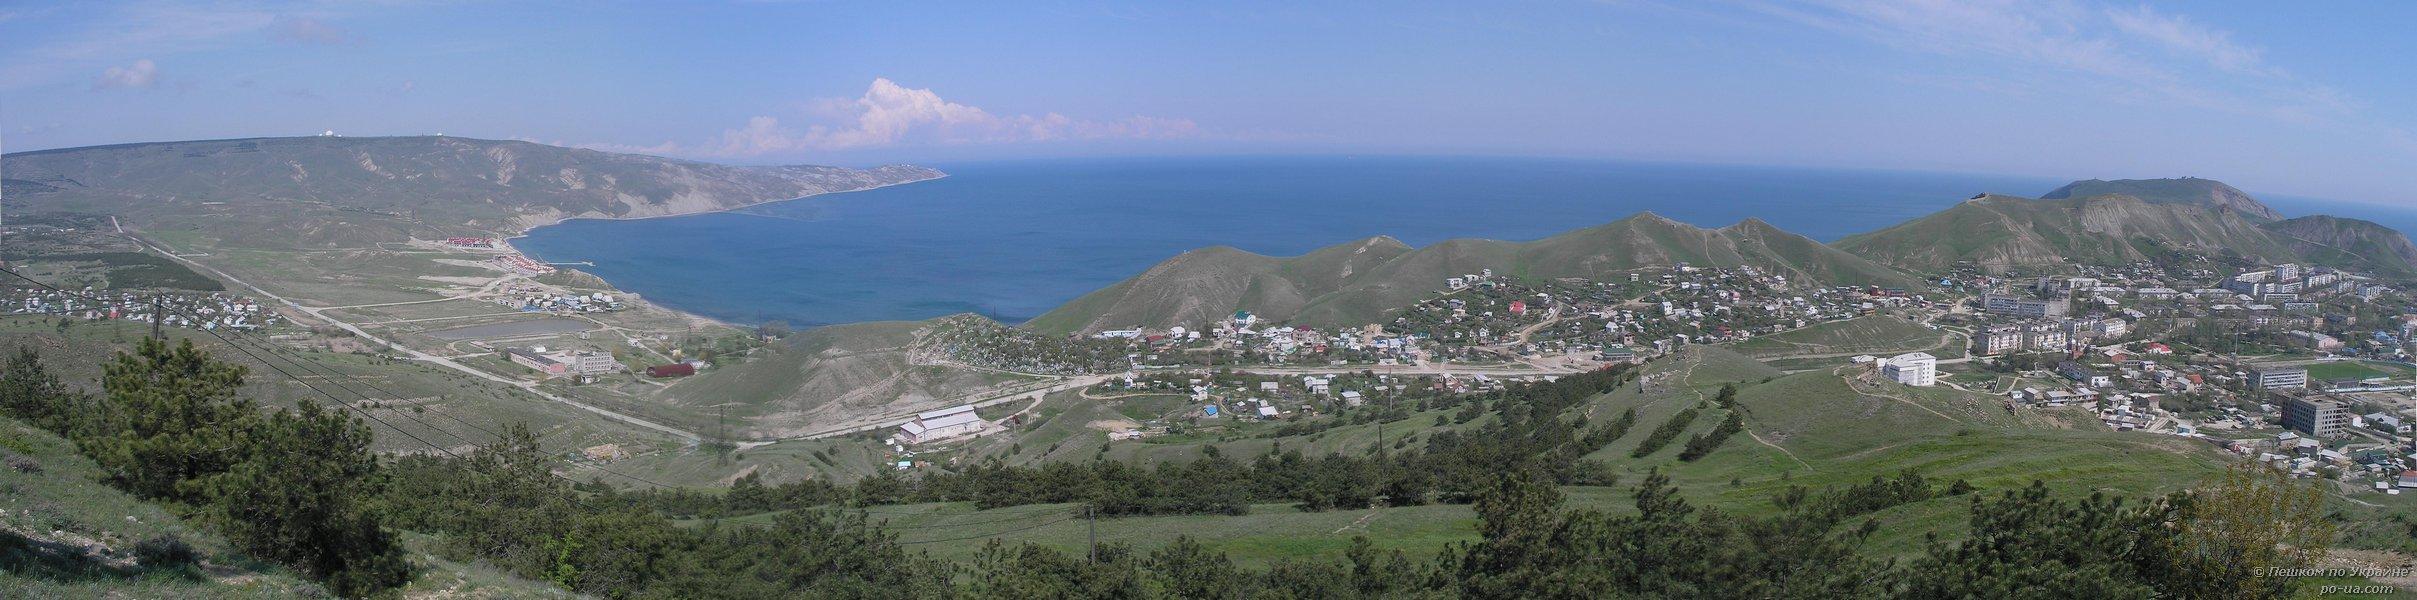 Самые восточные горы в Крыму